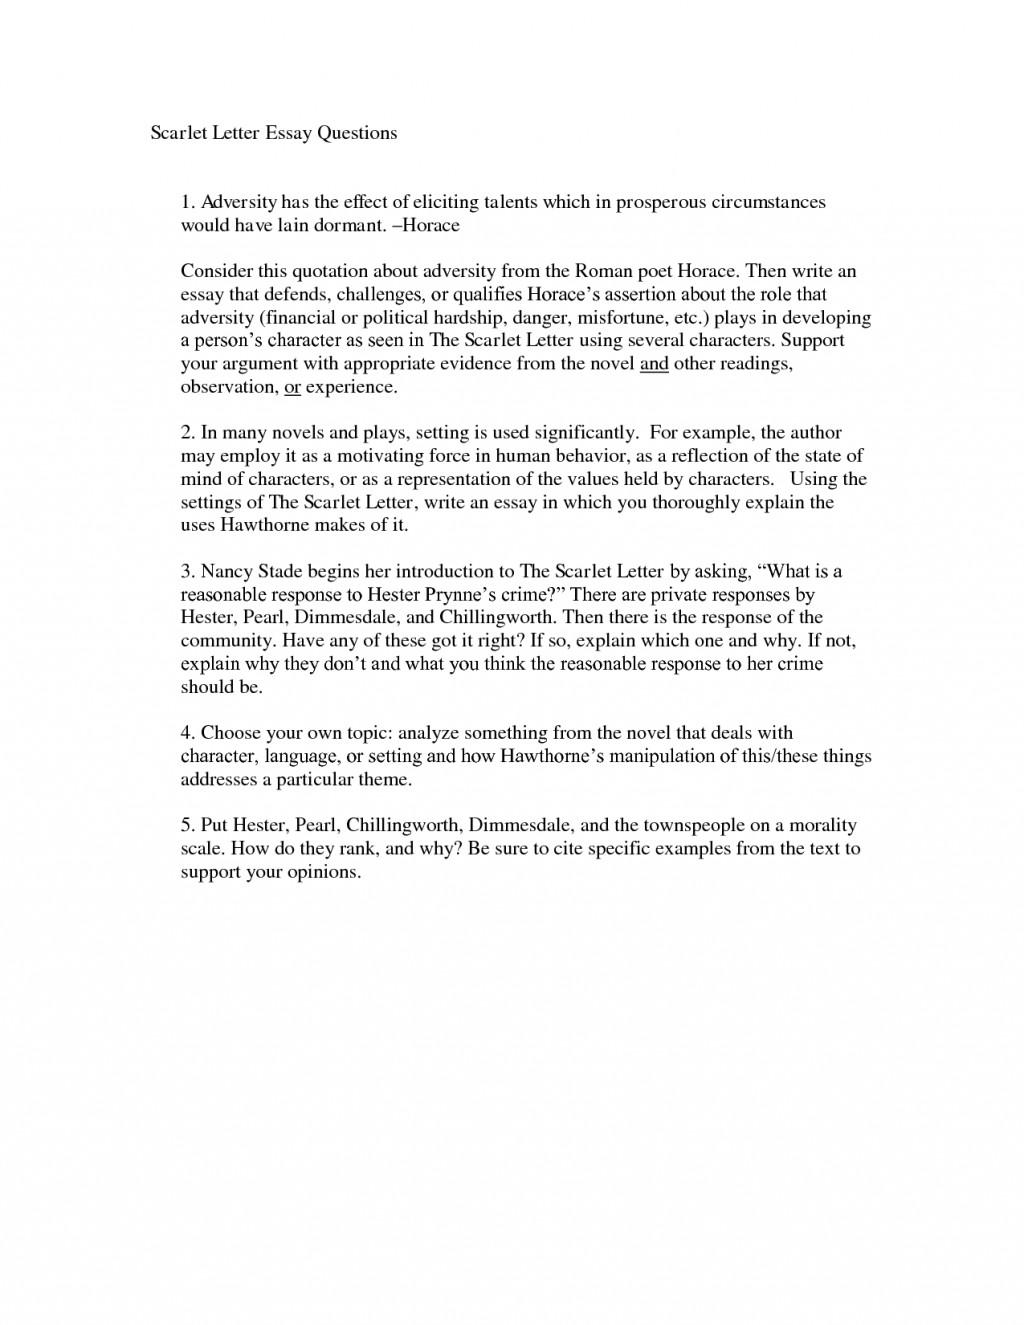 005 Scarlet Letter Essay Imposing Titles On Sin Pdf Large